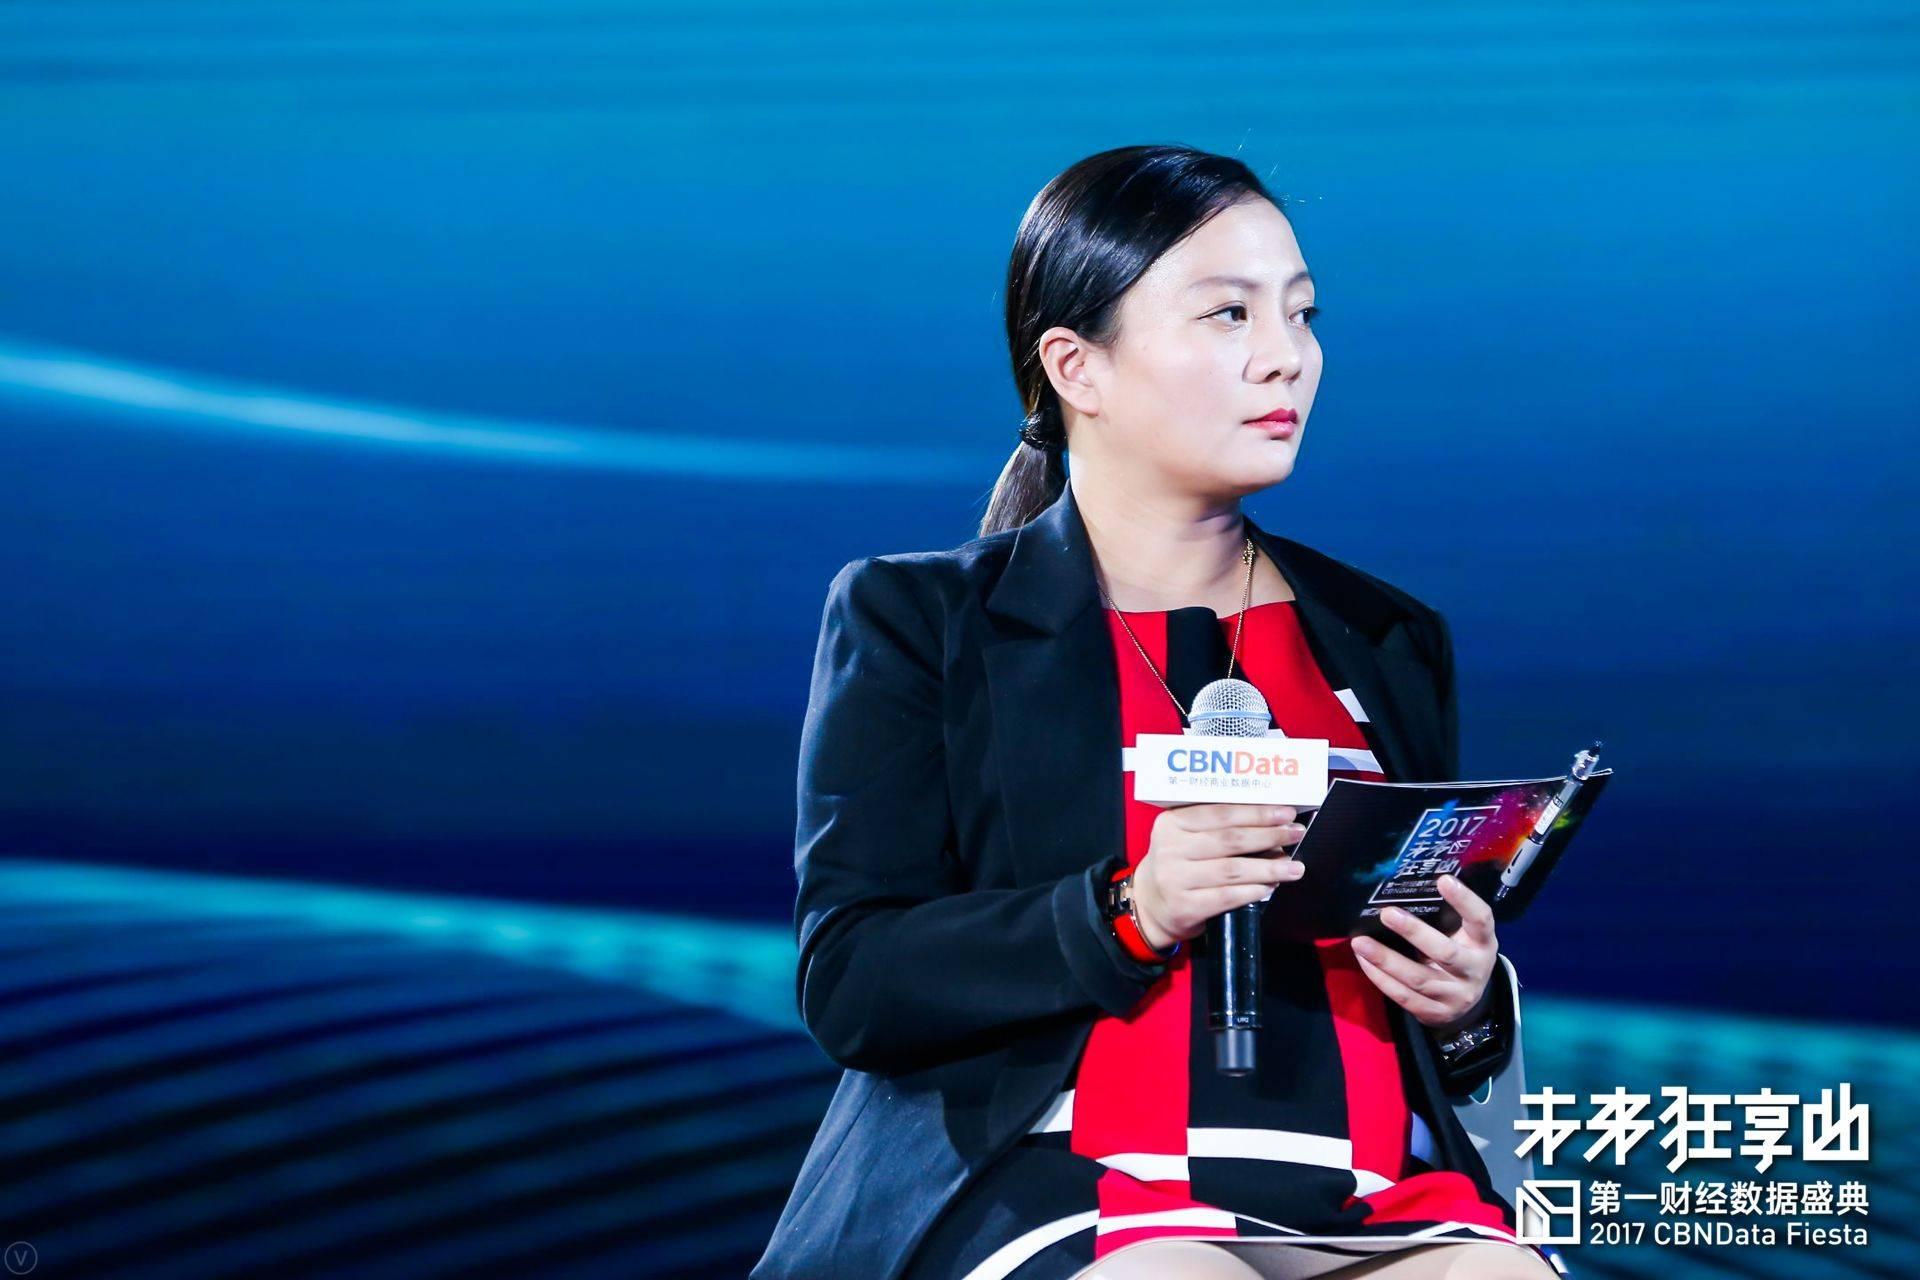 DT主编王小乔对话:消费者的新需求,大数据能知道多少?